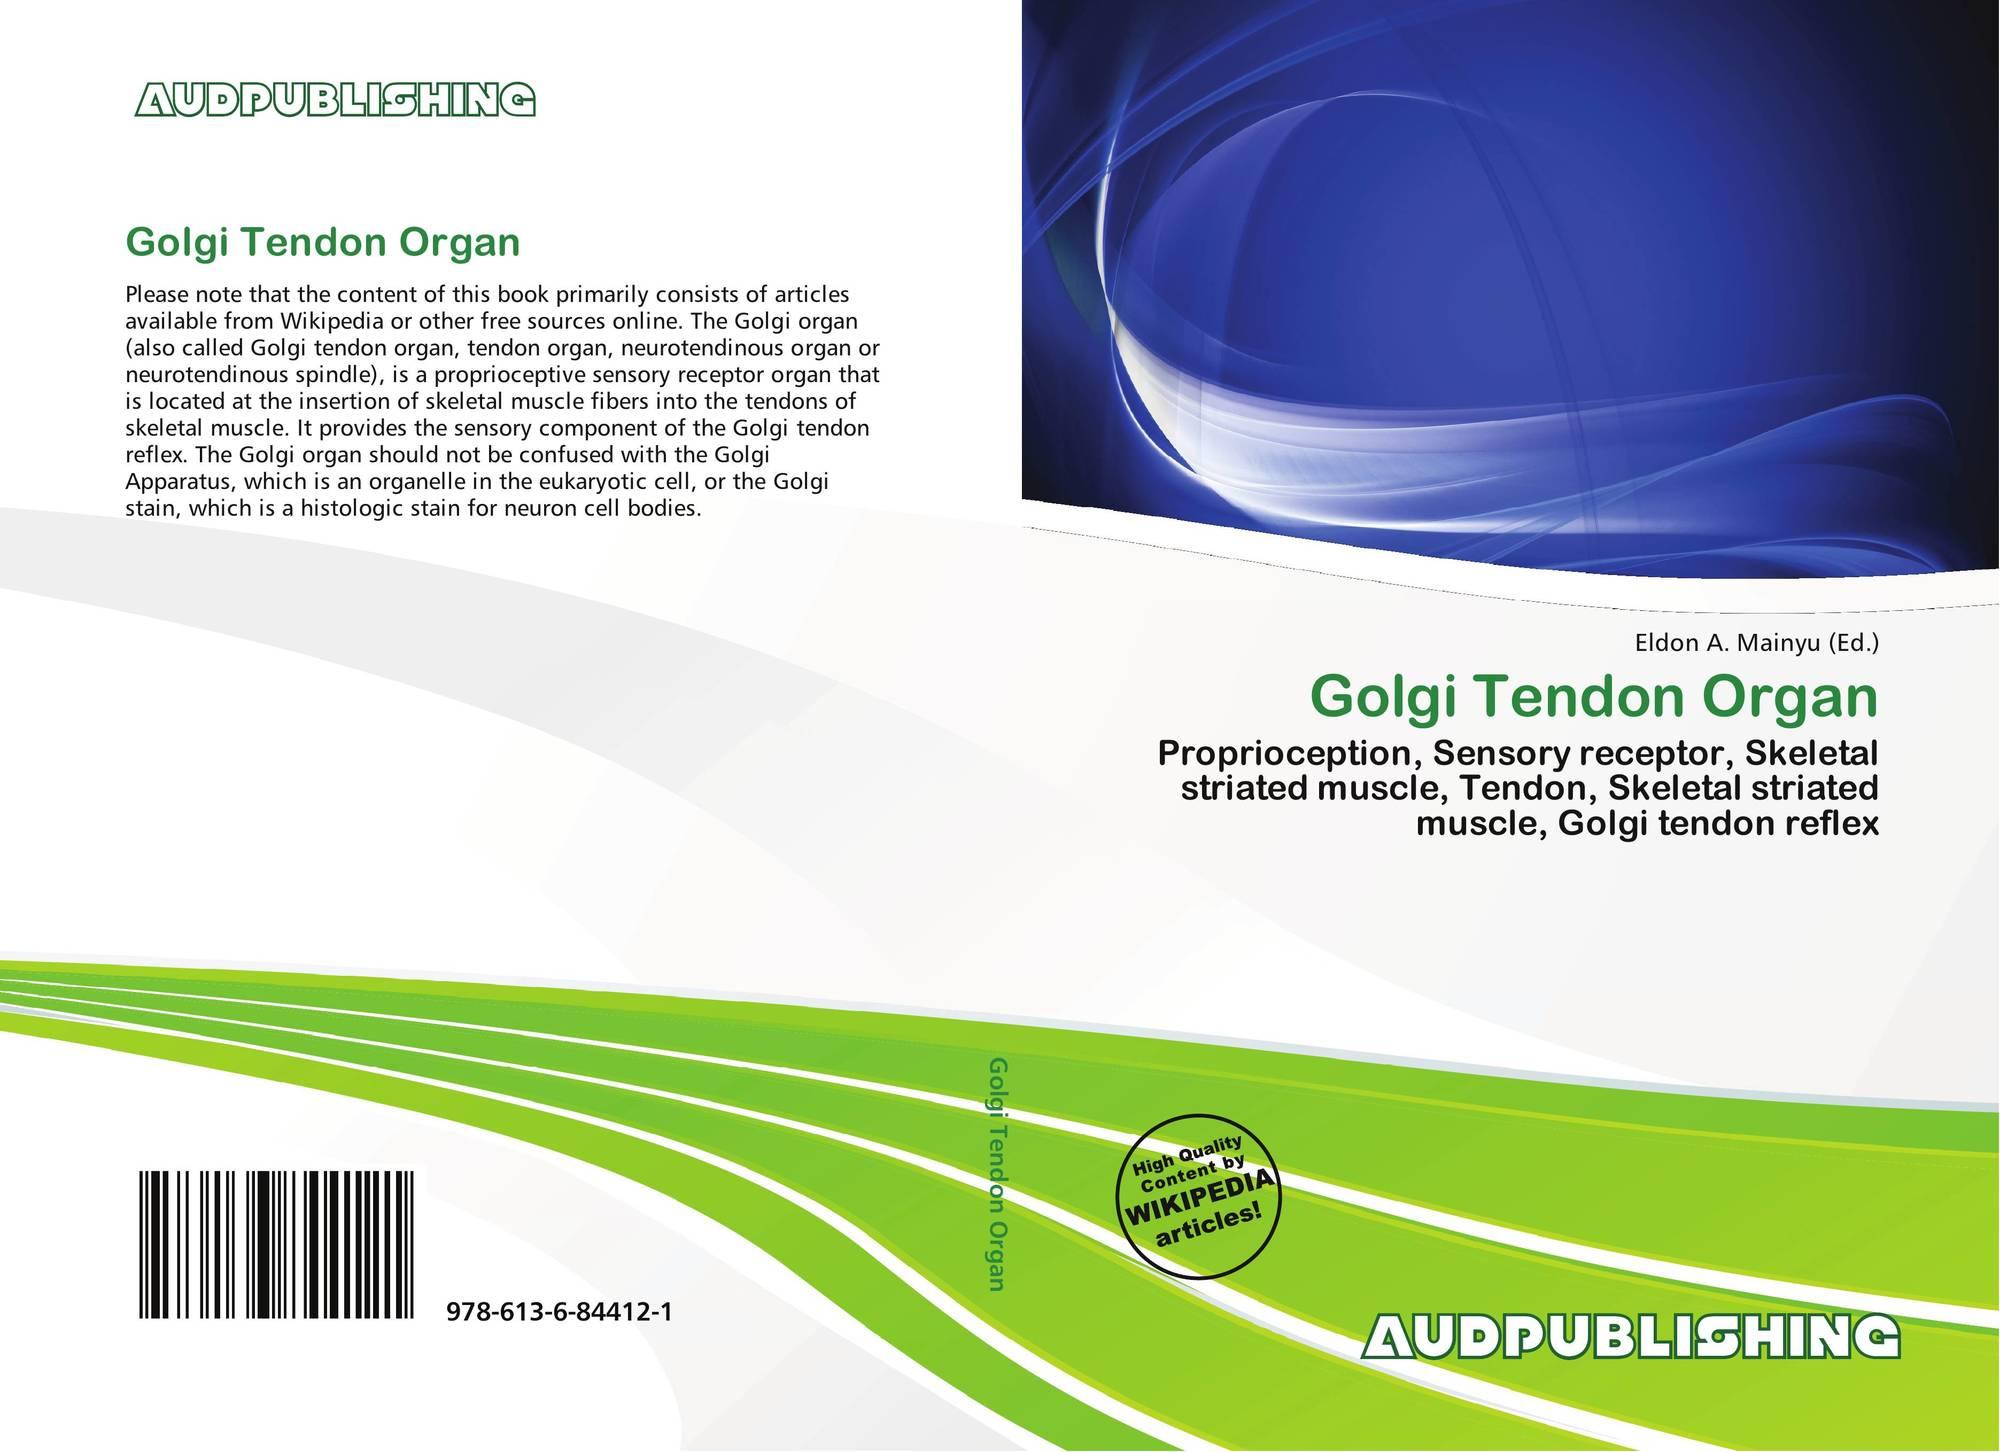 Golgi Tendon Organ, 978-613-6-84412-1, 6136844125 ,9786136844121